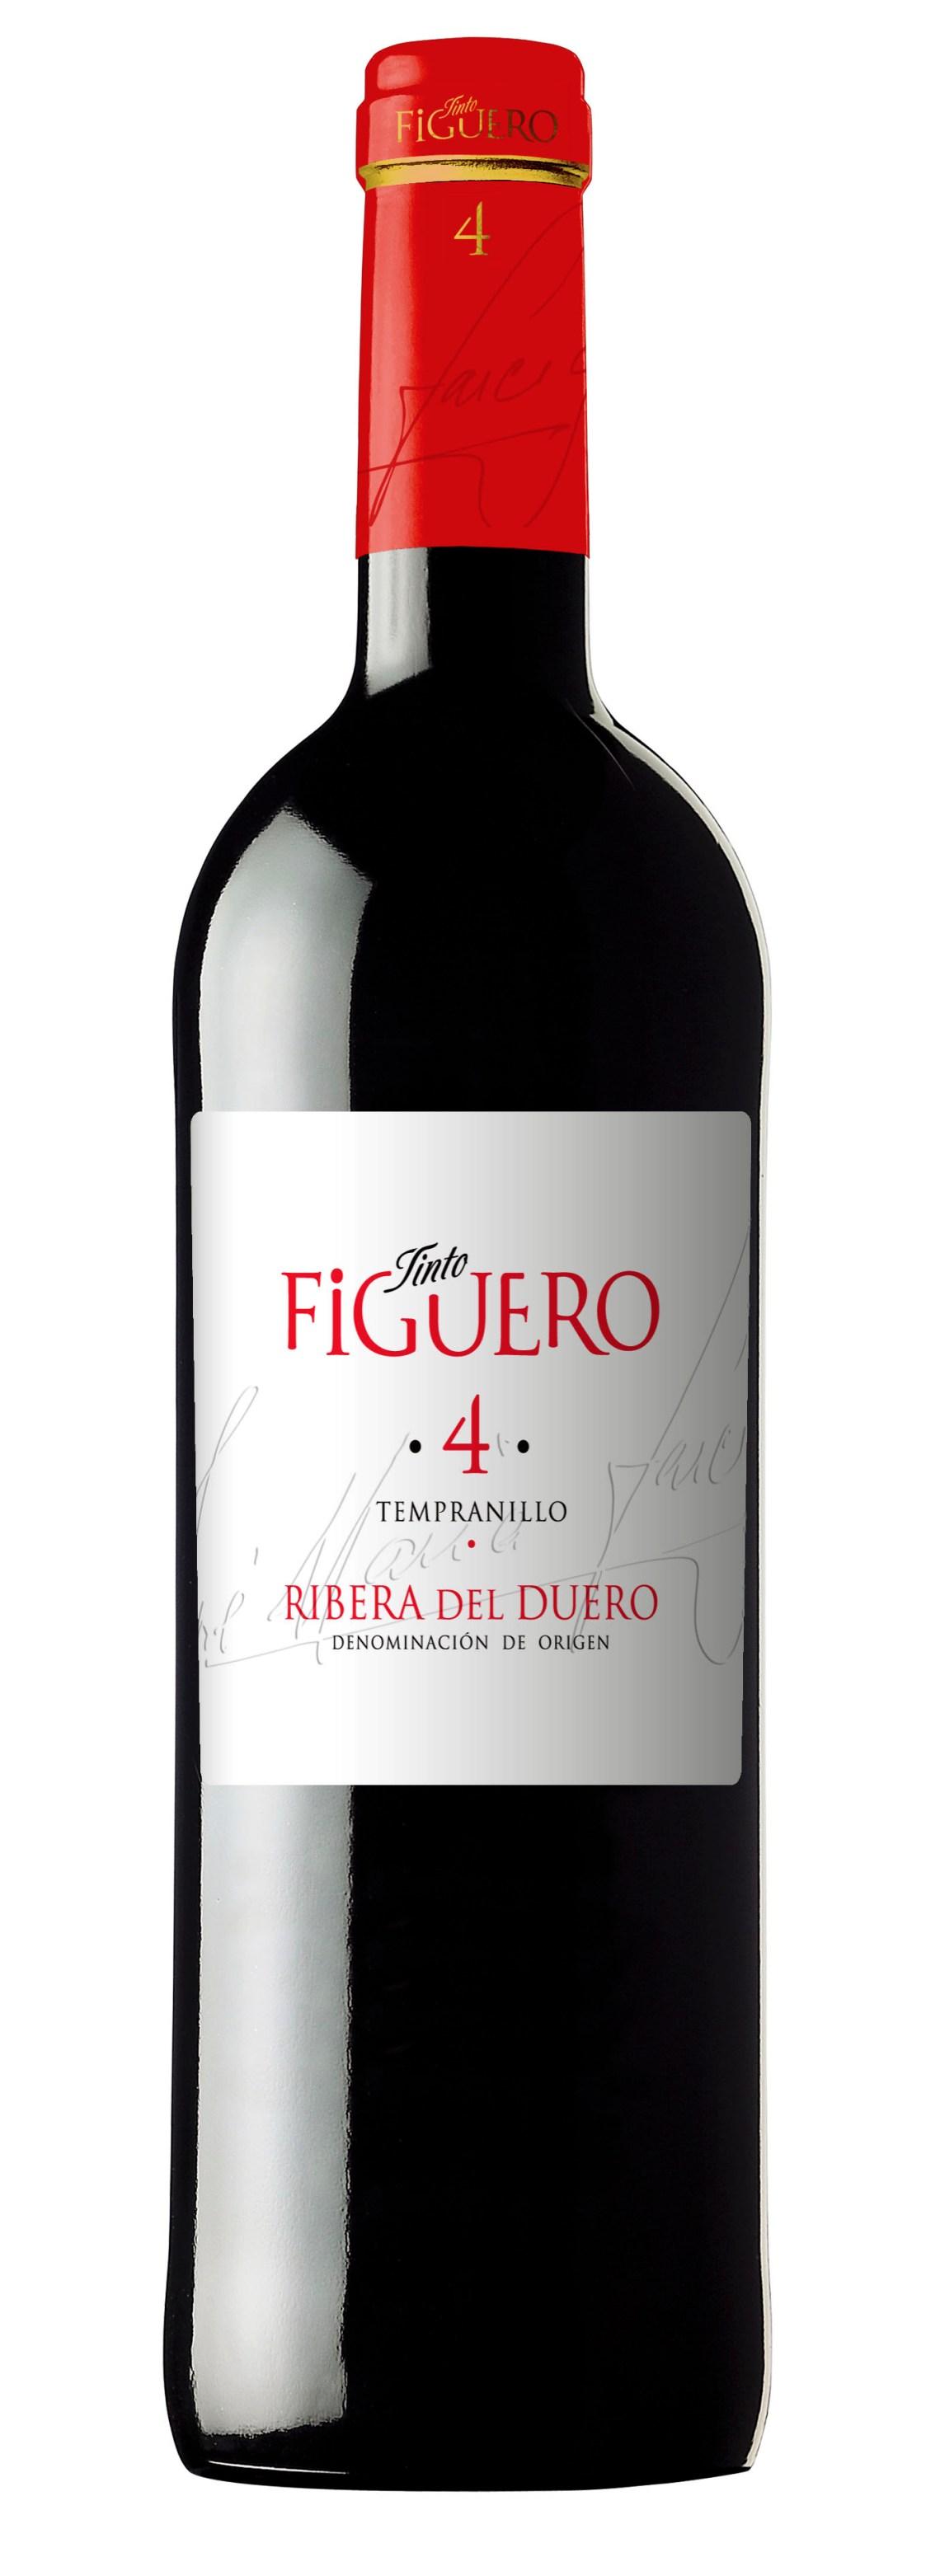 2012 Garcia Figuero Roble Ribera del Duero